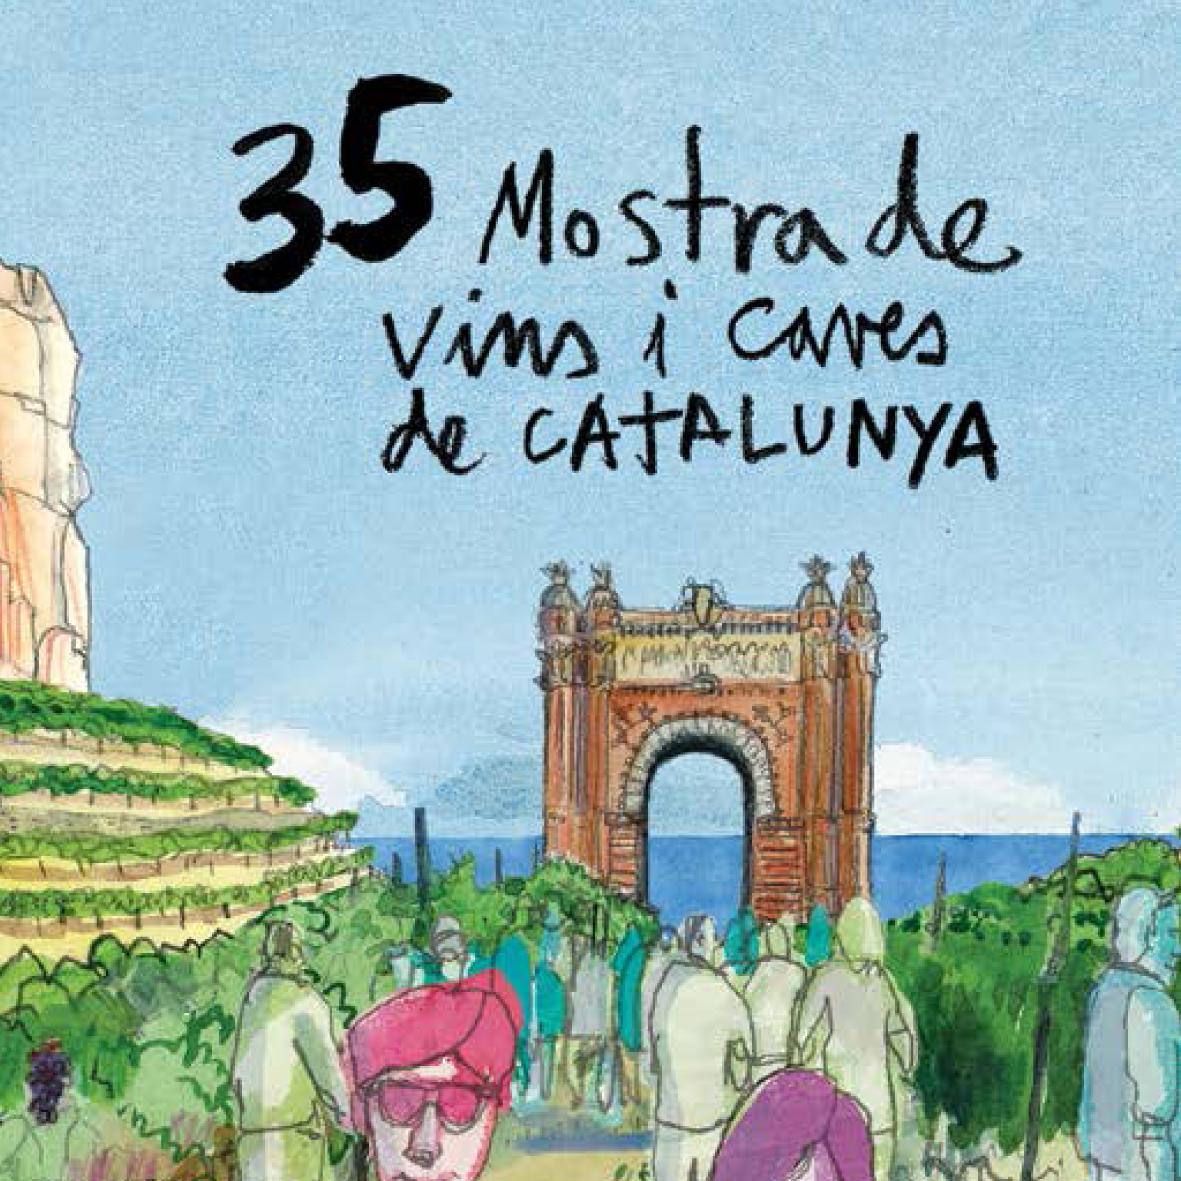 La Fundación Dieta Mediterránea y FIVIN colabora en la 35 Mostra de vins i caves de Cataluña